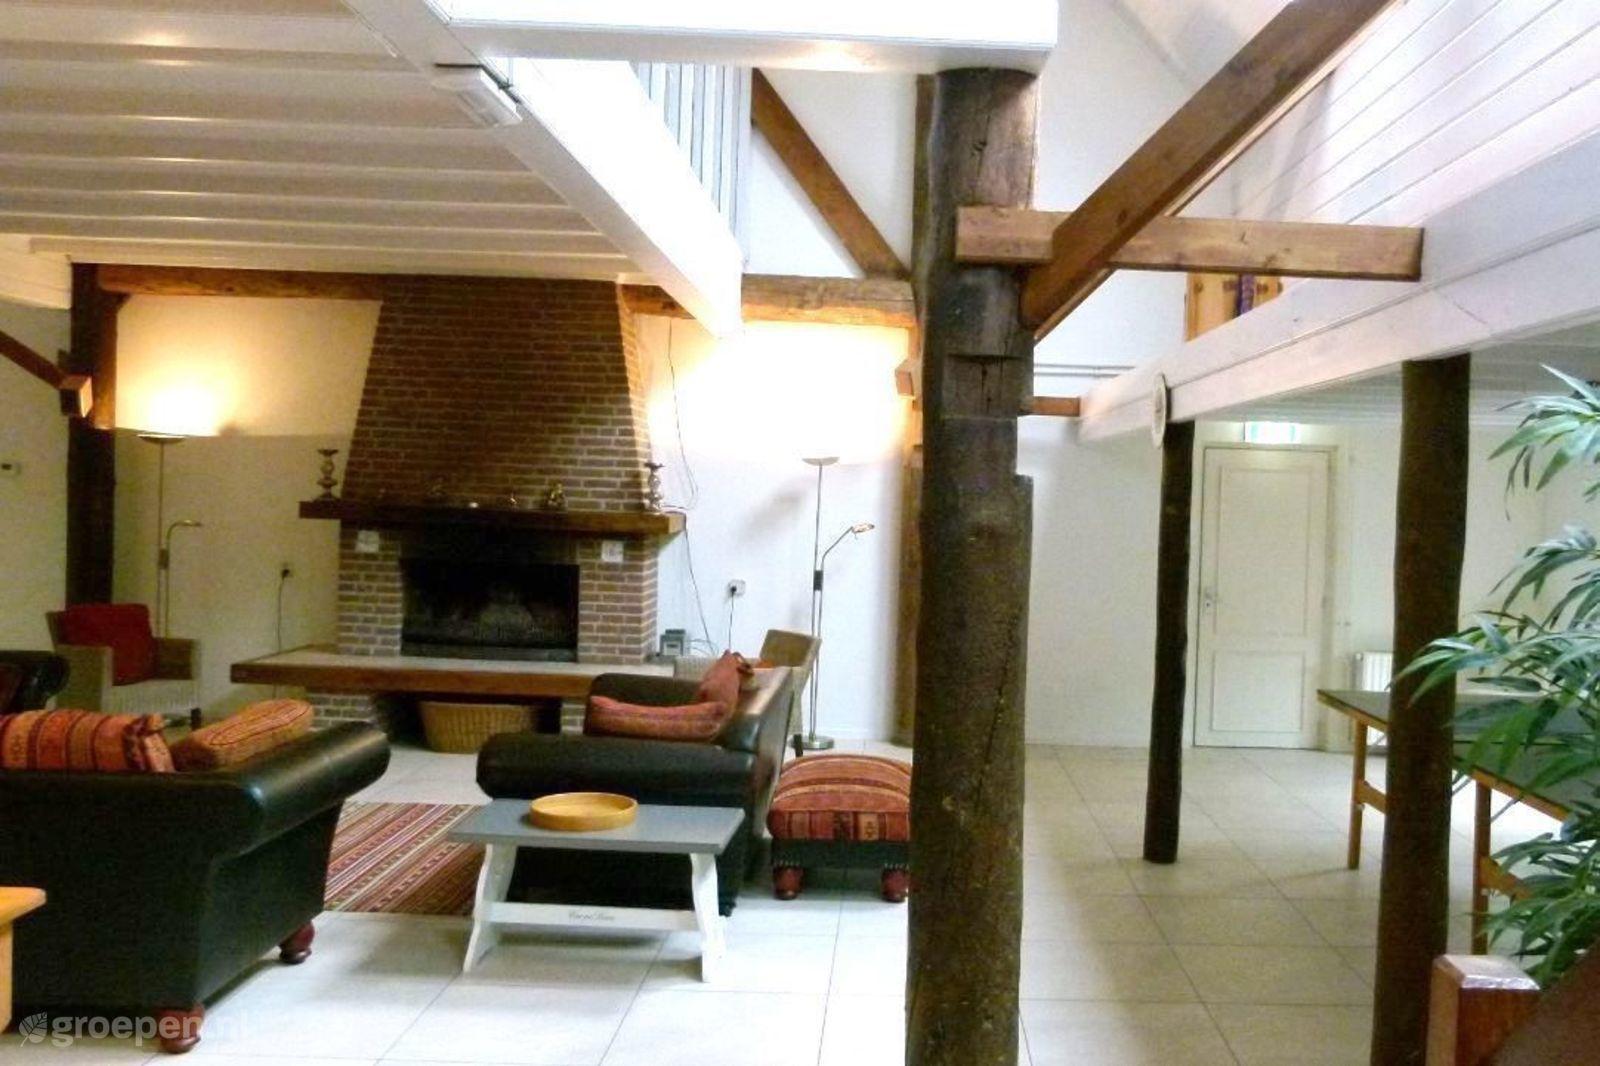 Group accommodation Wapse